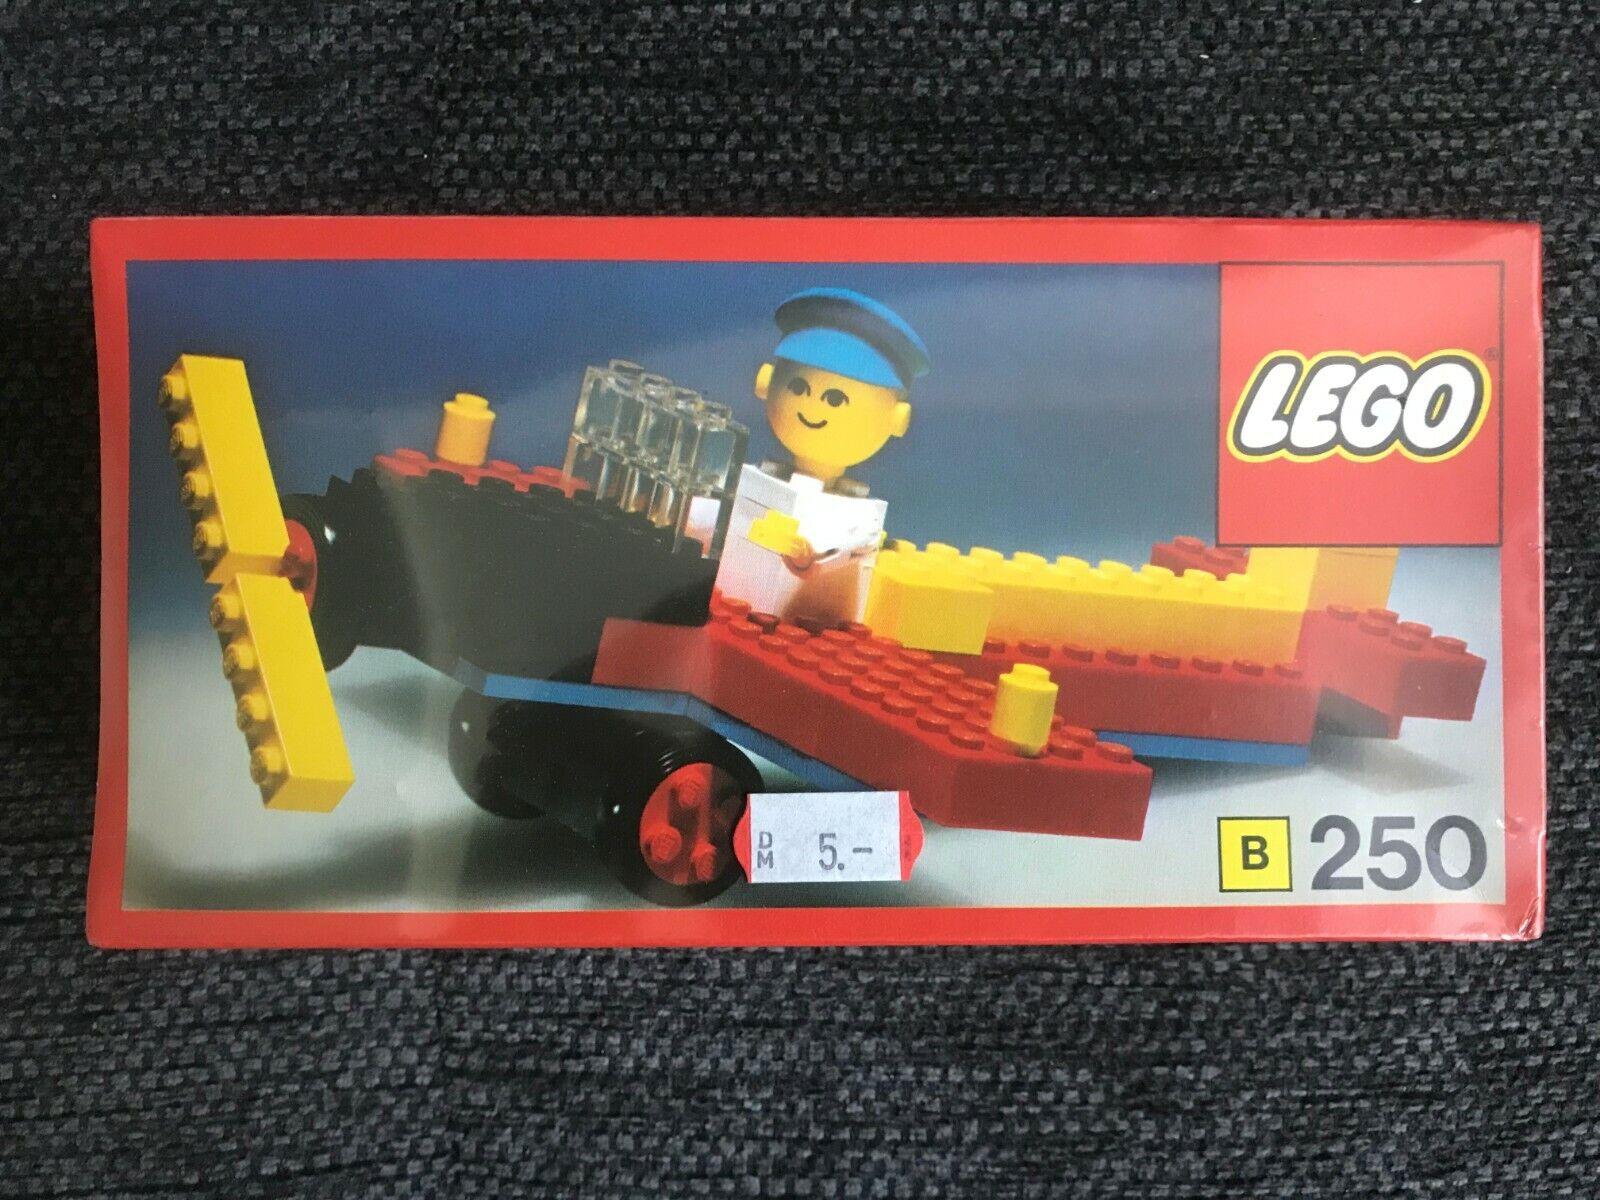 Lego Flugzeug B 250 ungeöffnet in OVP Rarität 1974 -Top Zustand-